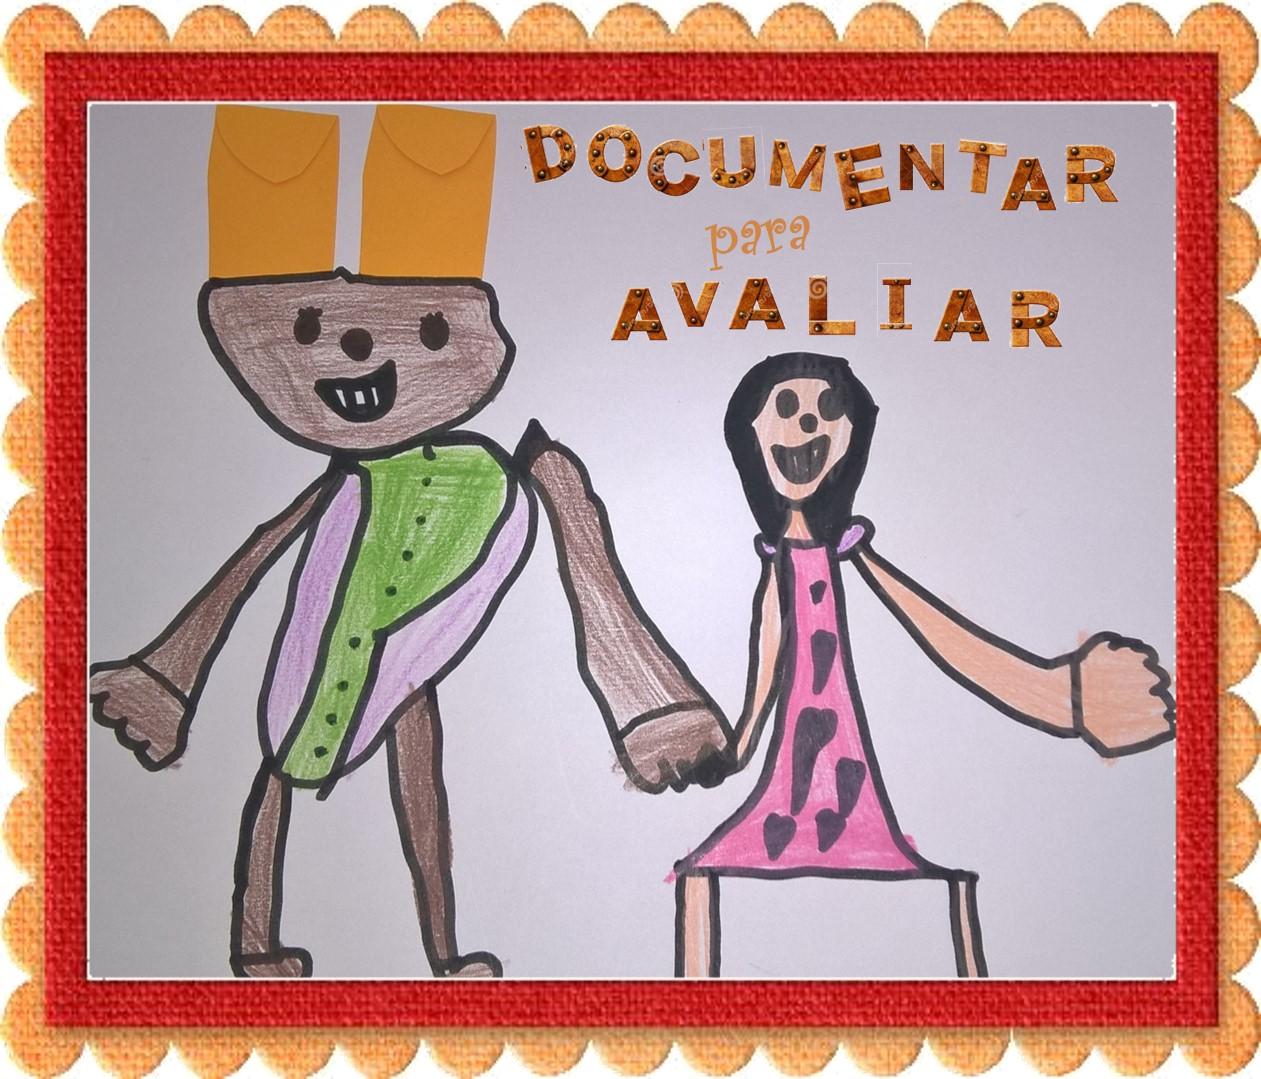 Documentar para avaliar - a documentação pedagógica como uma possibilidade formativa para adultos e crianças.